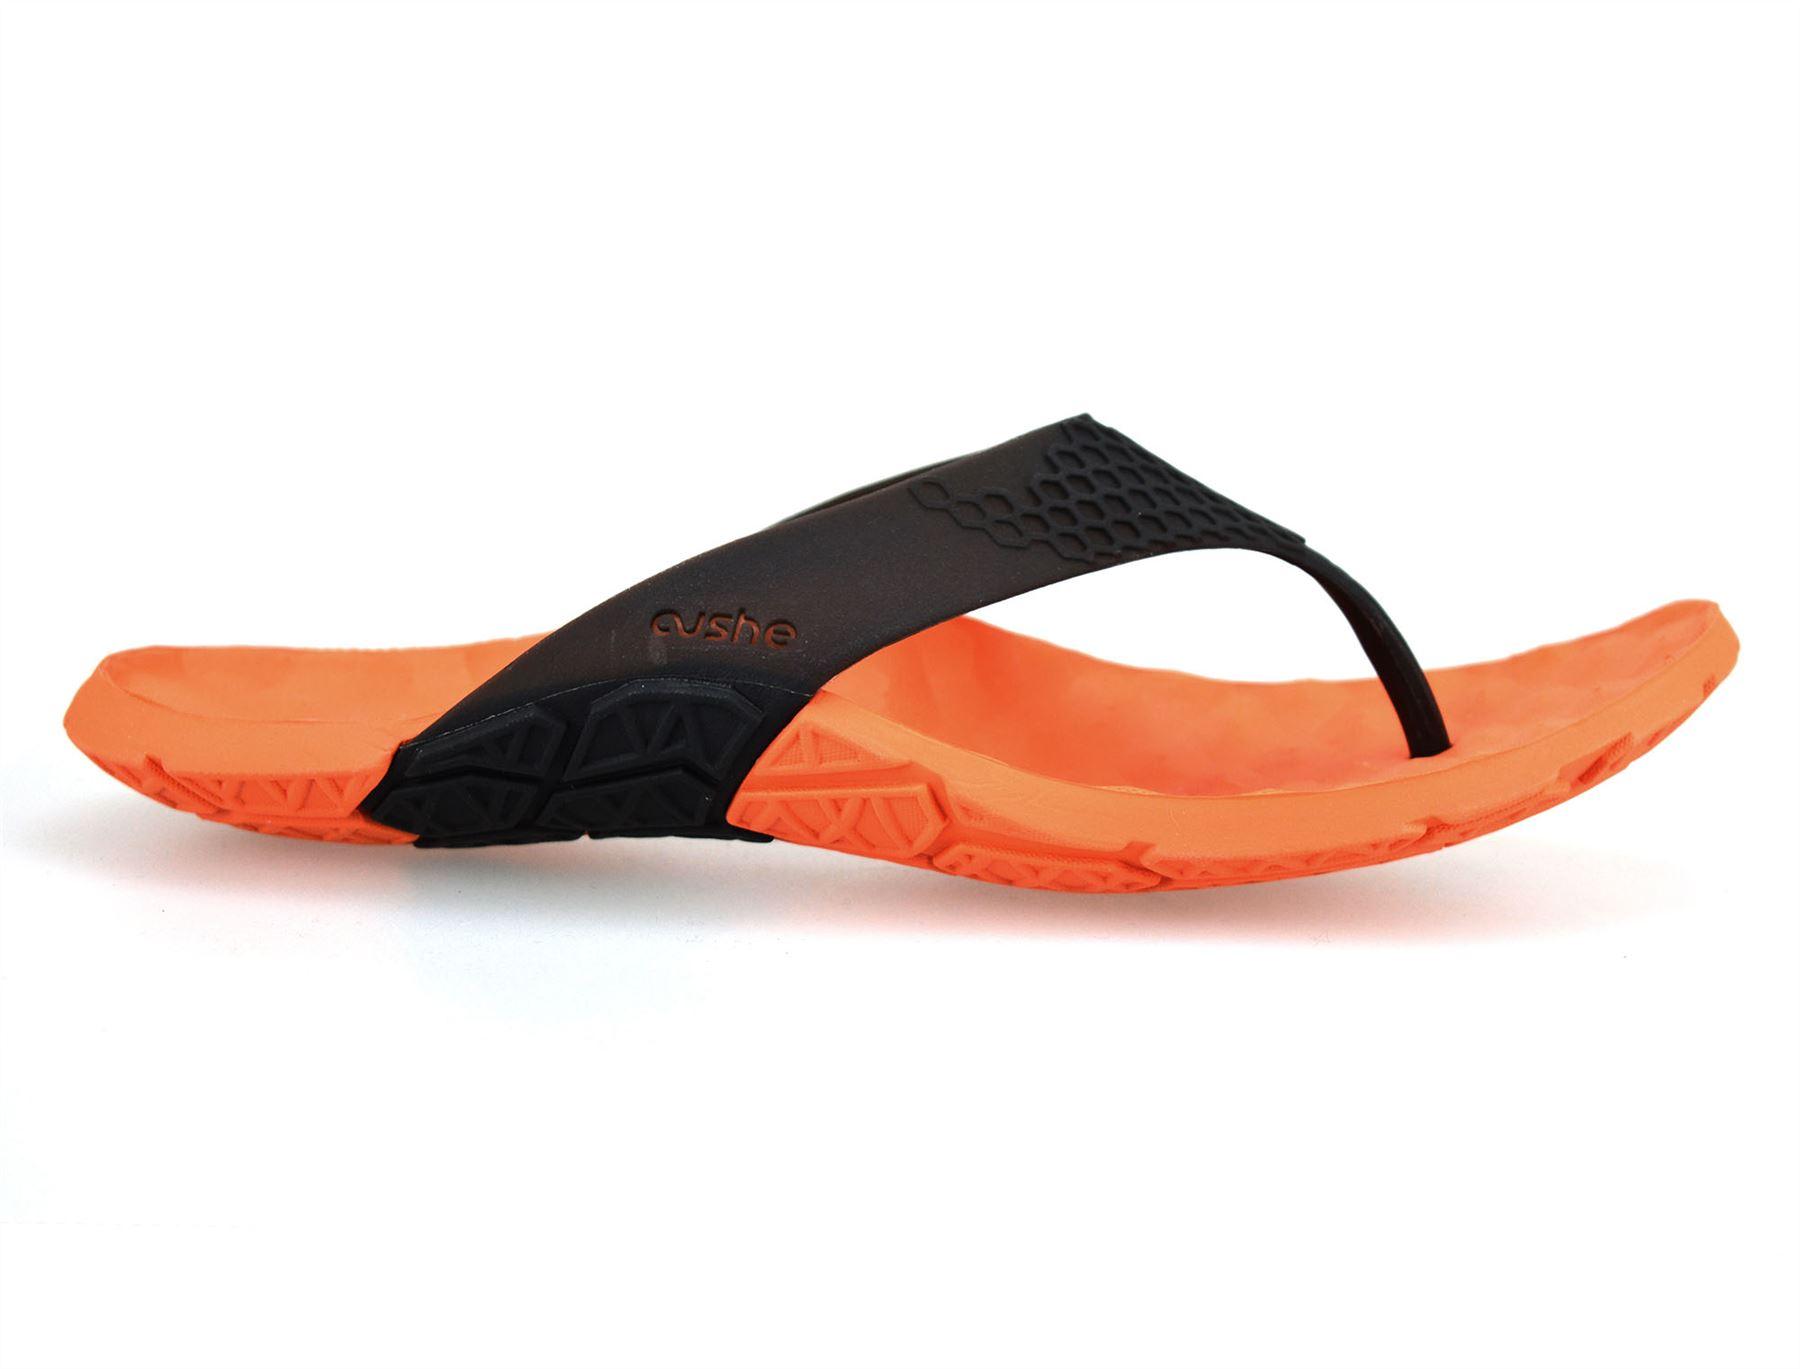 8ddbb4676de Mens Cushe The Foreshore Sandals Summer Beach Walking Flip Flop ...